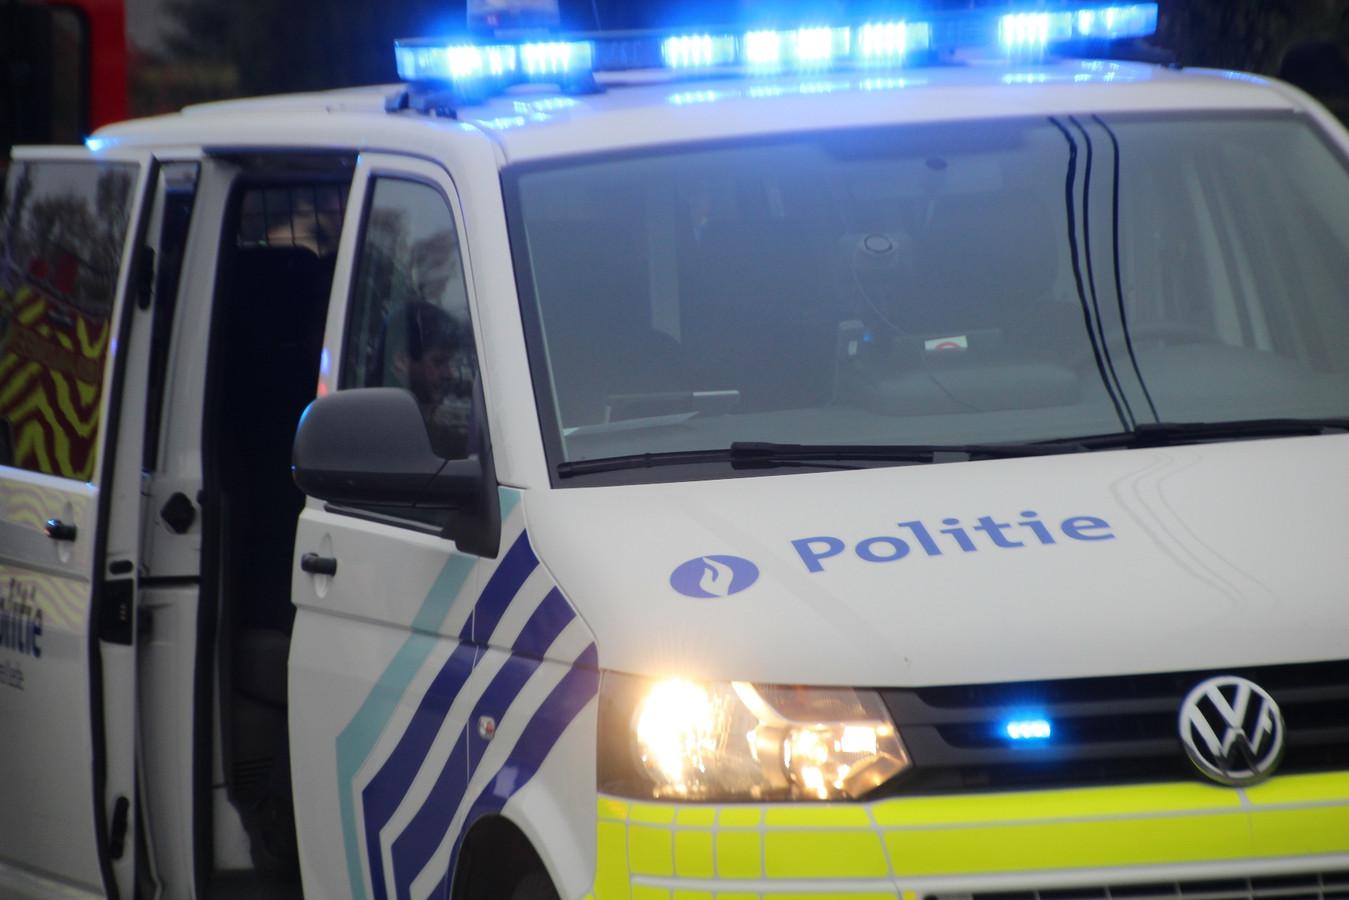 De bewoonster werd tijdens de interventie opgevangen in een politiecombi.